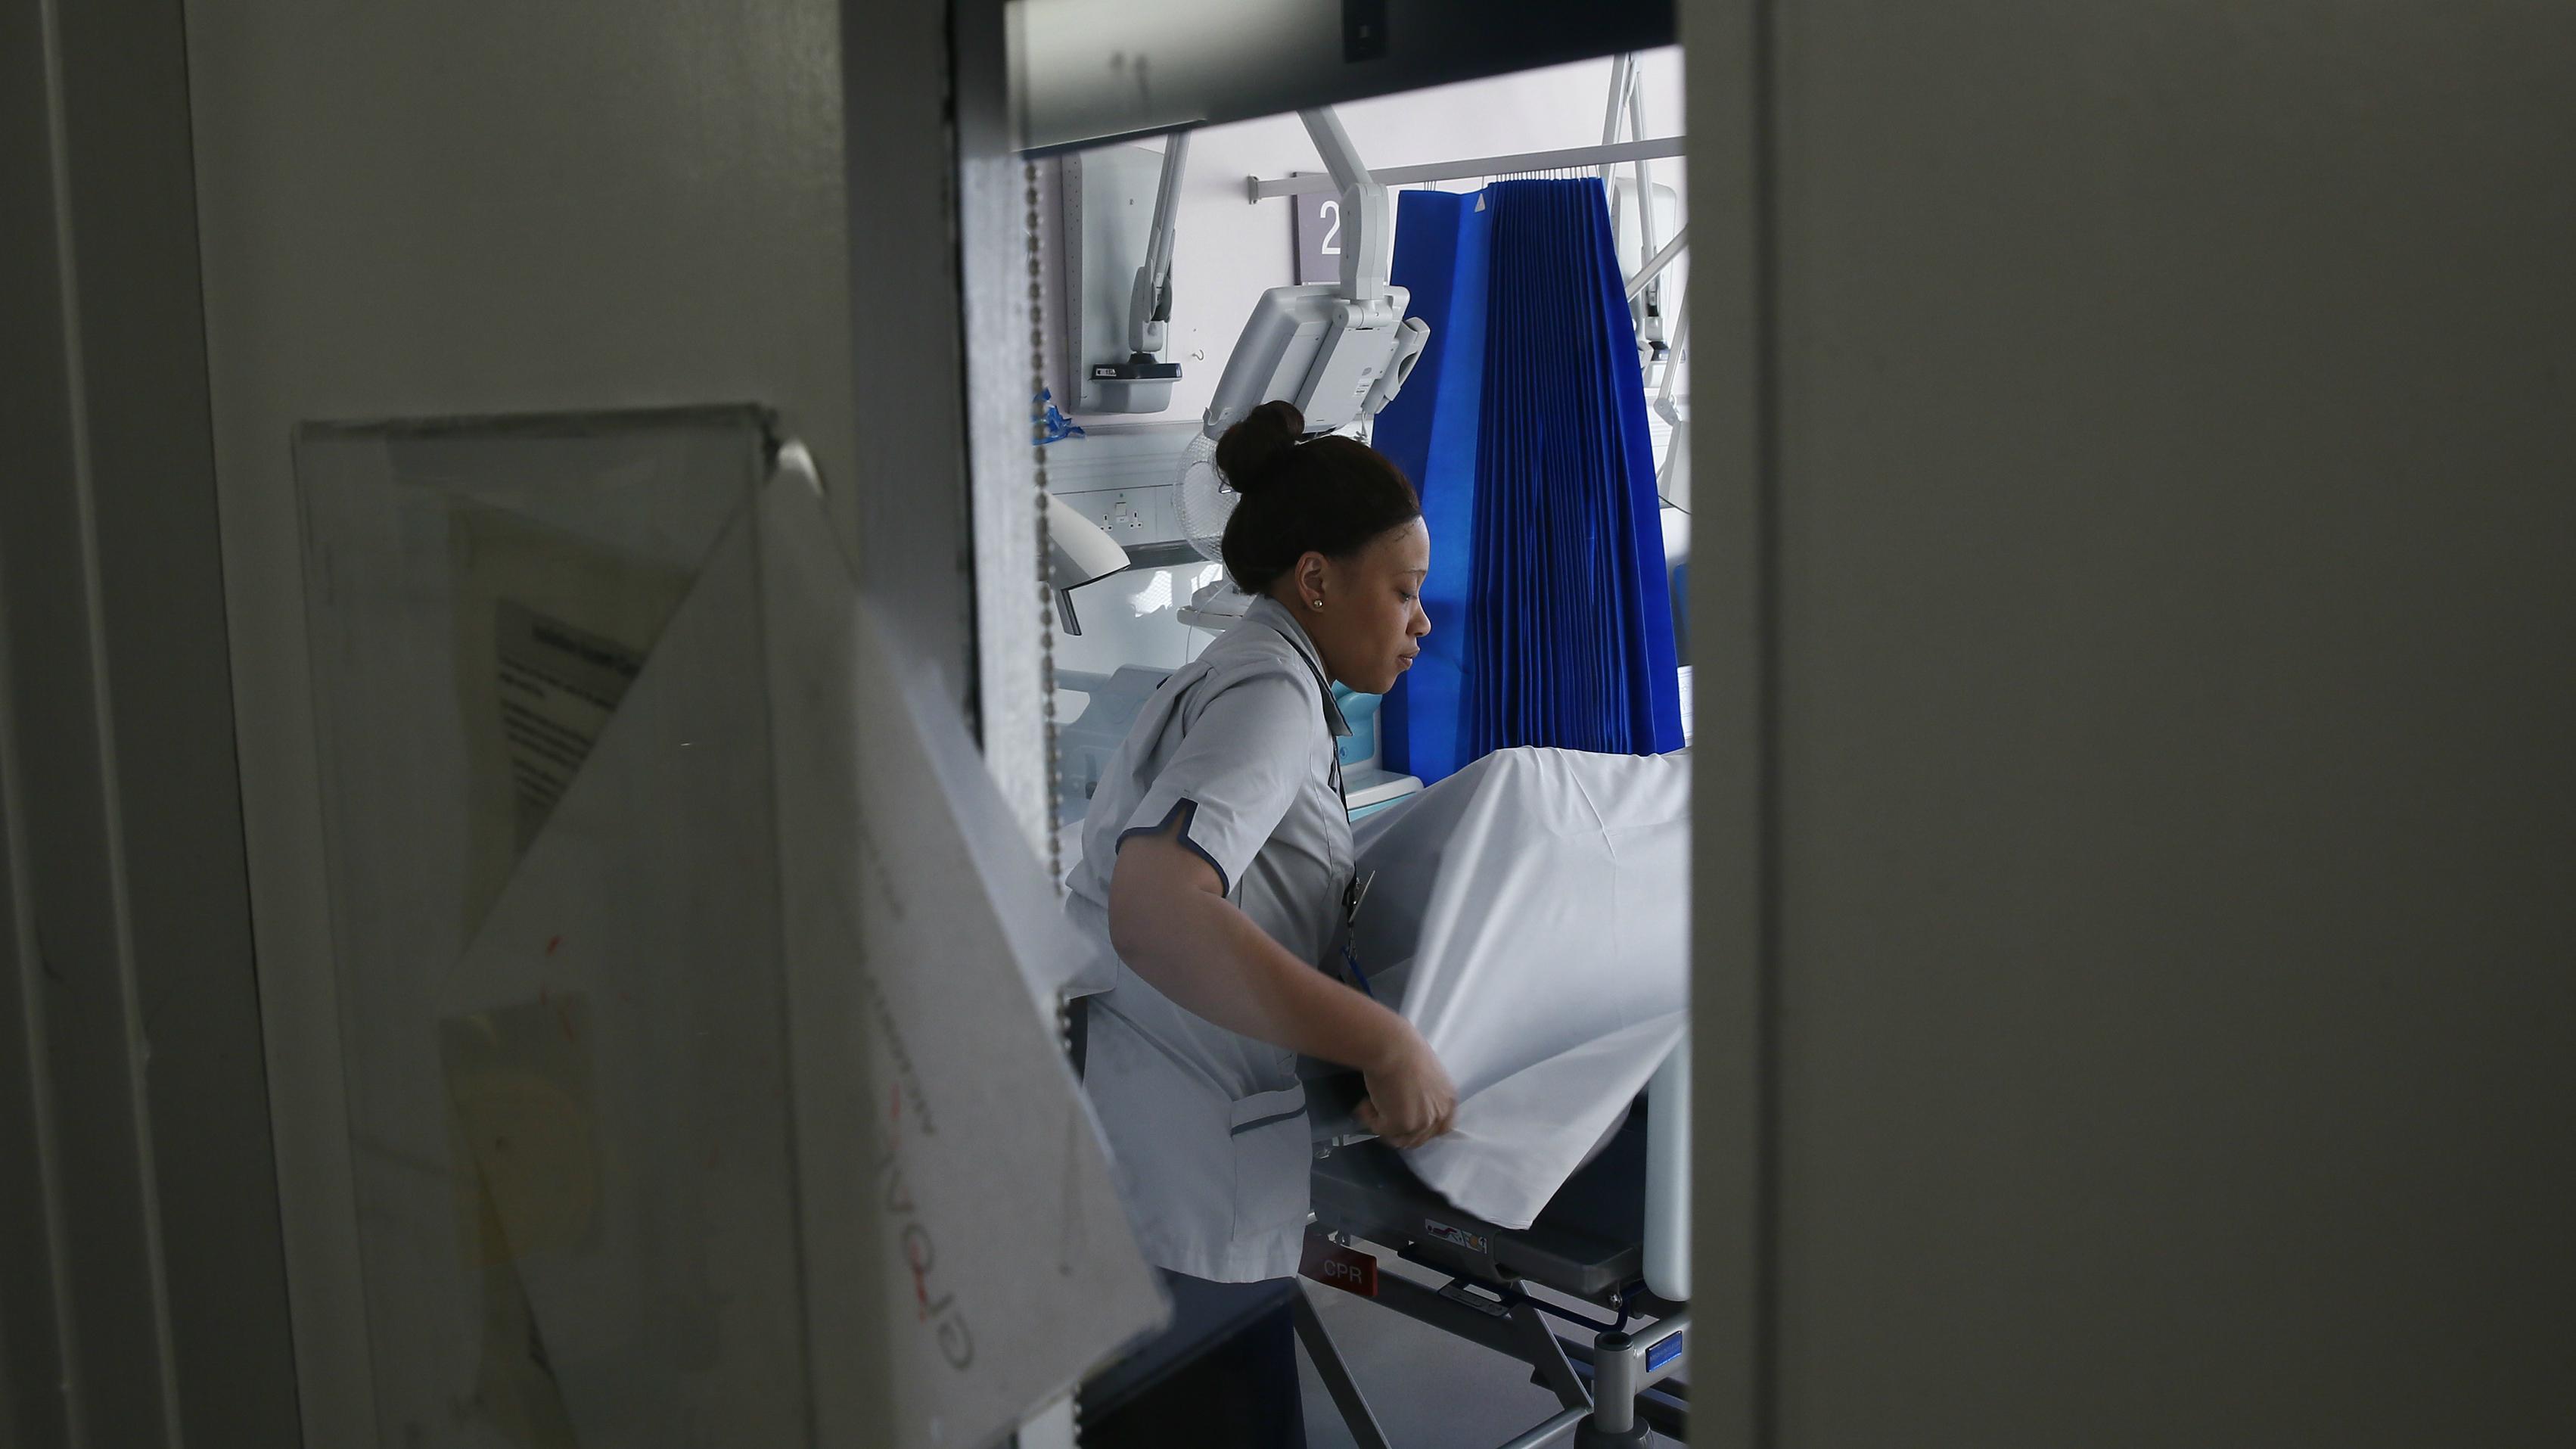 c-nurse-RTR4NY2C-Stefan Wermuth